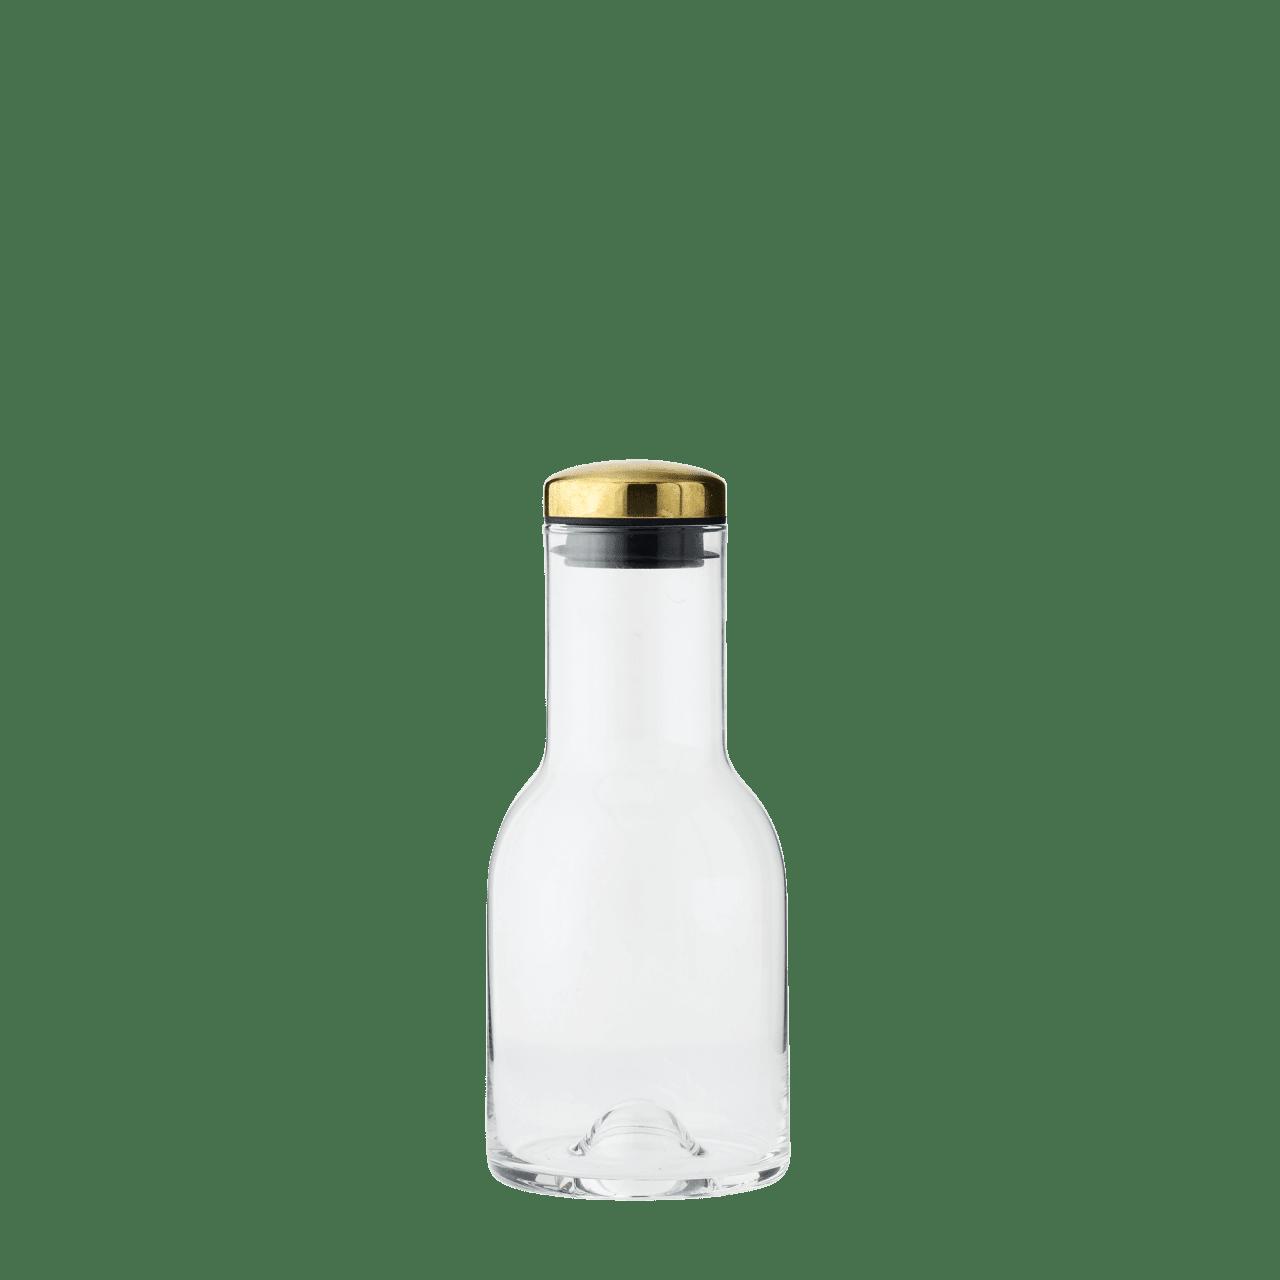 Wasserkaraffe 0,5L mit Messingdeckel